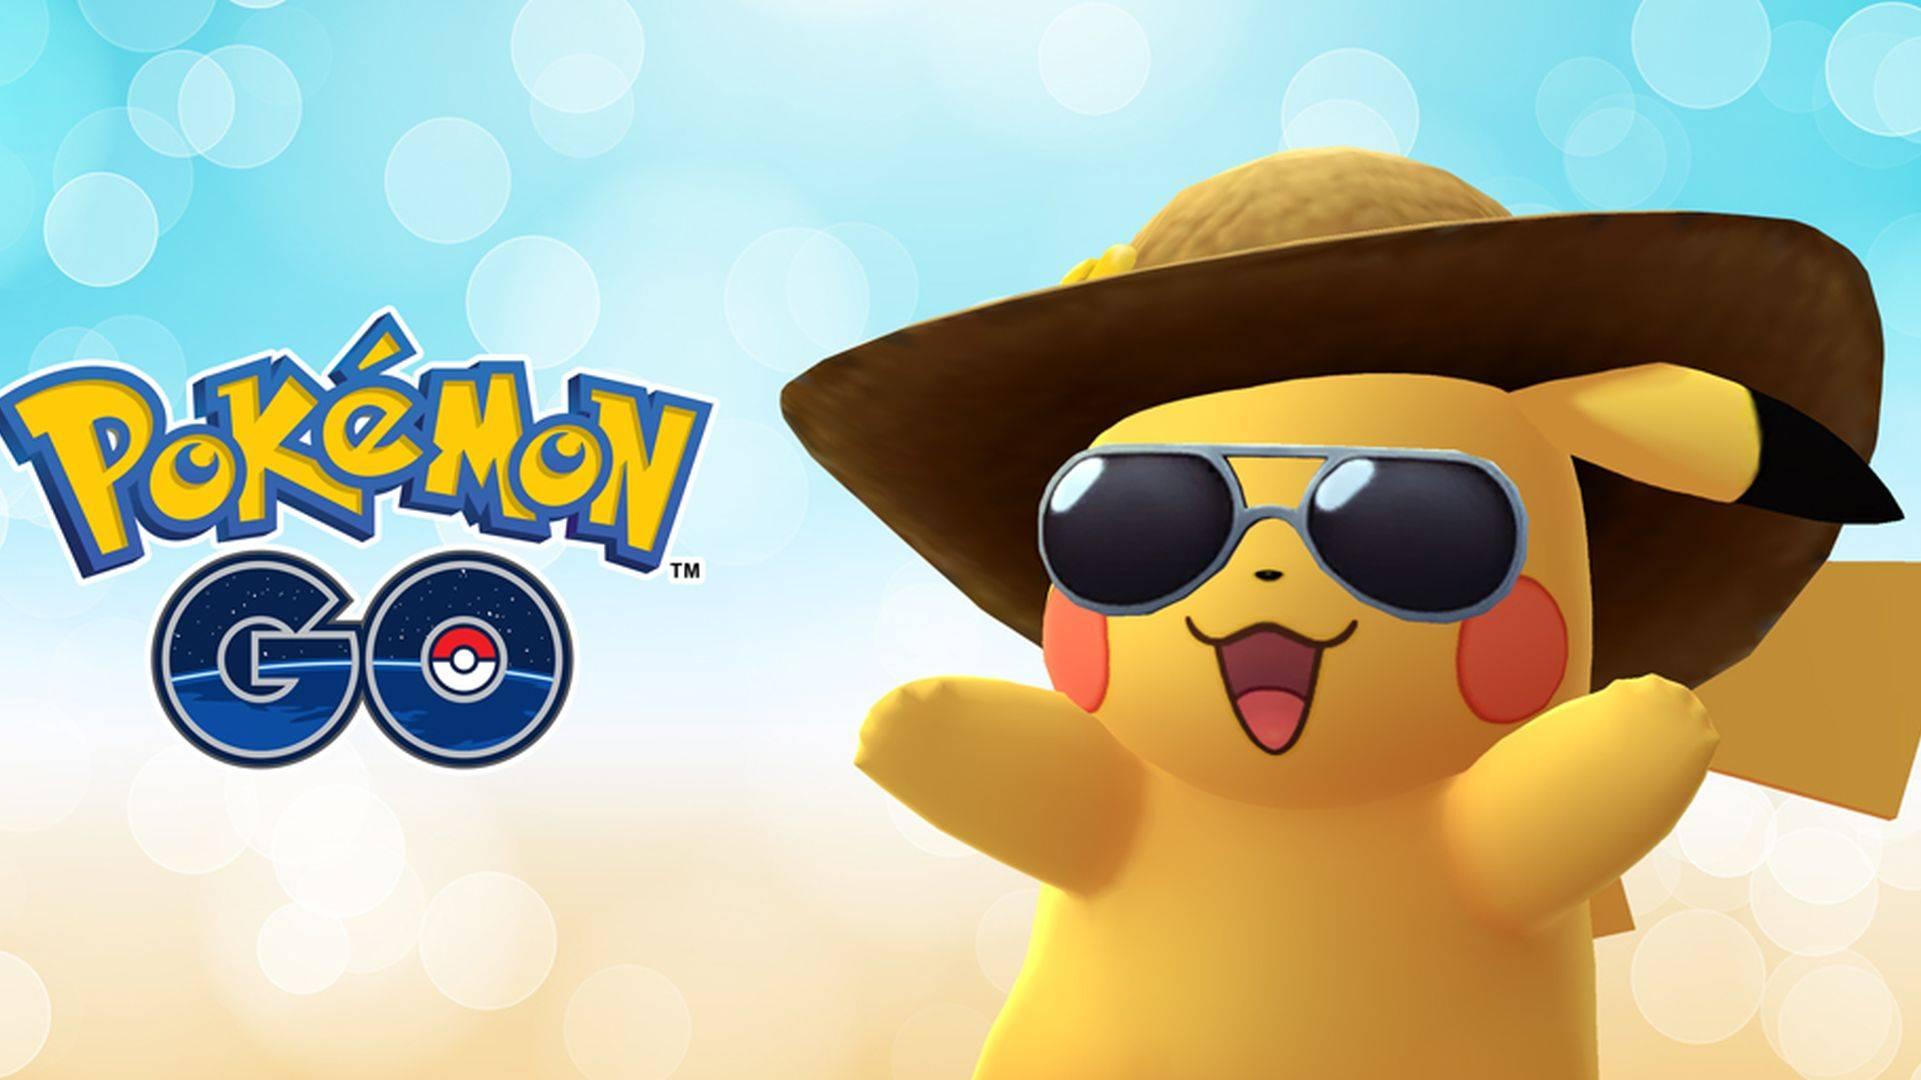 Compañía creadora de Pokemon Go demanda a un grupo de supuestos tramposos en el juego